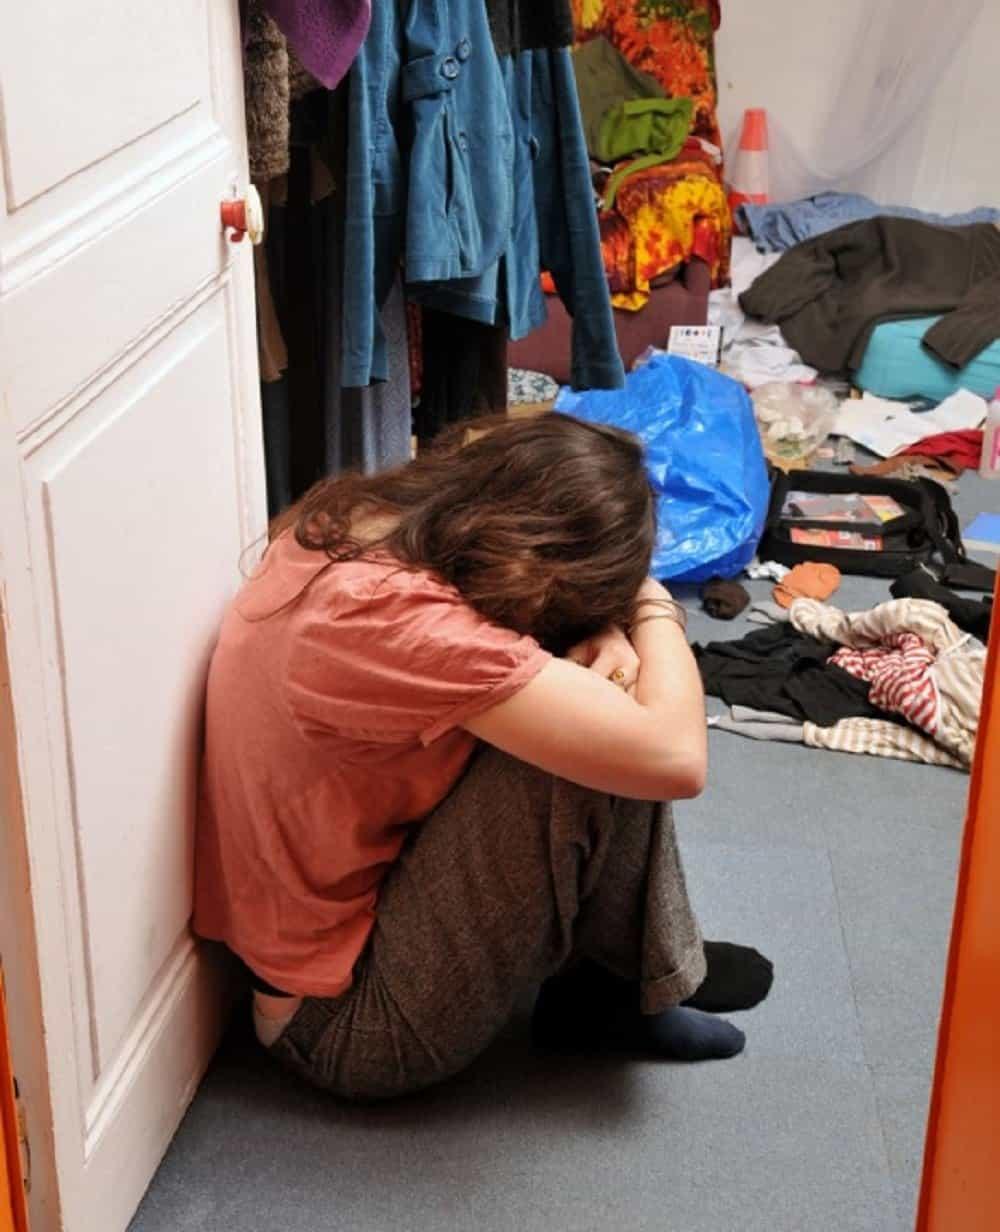 La depresión, combinada con una personalidad impulsiva y un entorno hostil, puede desencadenar en el intento de suicidio o su materialización. Foto ilustración: archivo particular